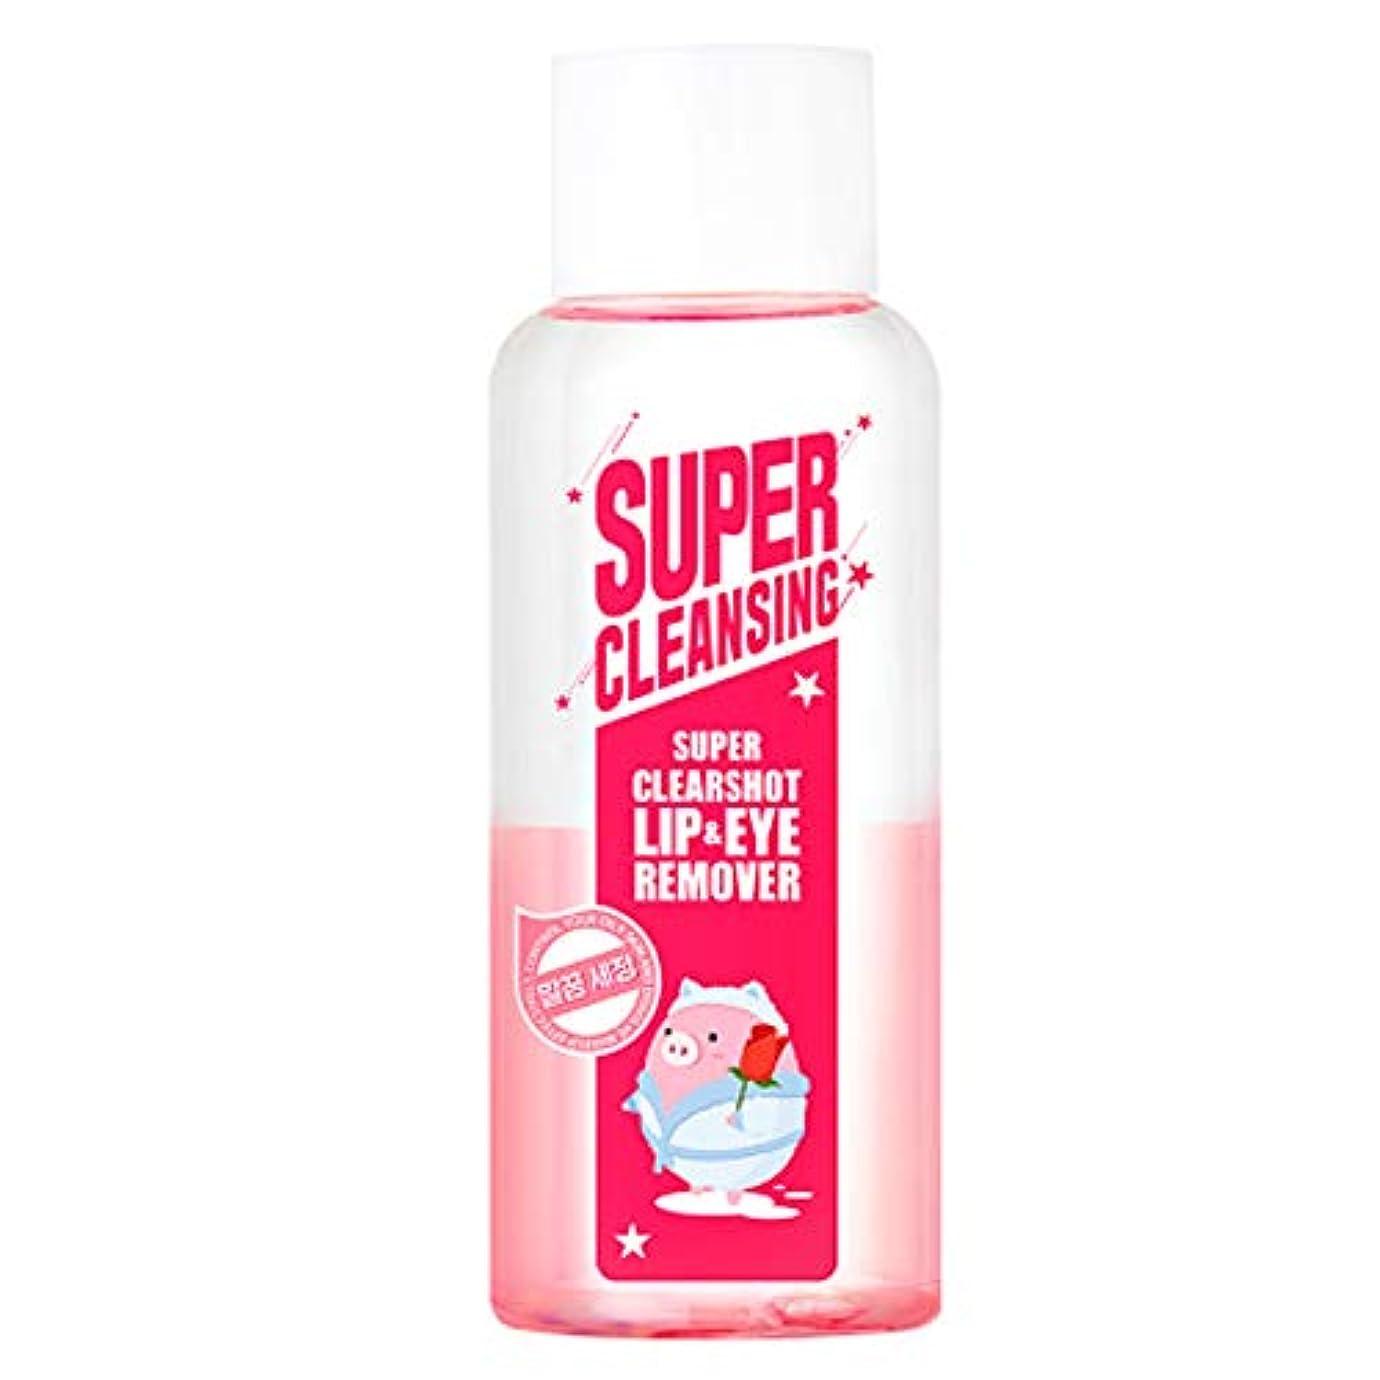 マーチャンダイジング復活するオーブンMefactory Super Clearshot Lip&Eye Remover ミファクトリ? スーパークリアーリップ&アイリムーバー [並行輸入品]